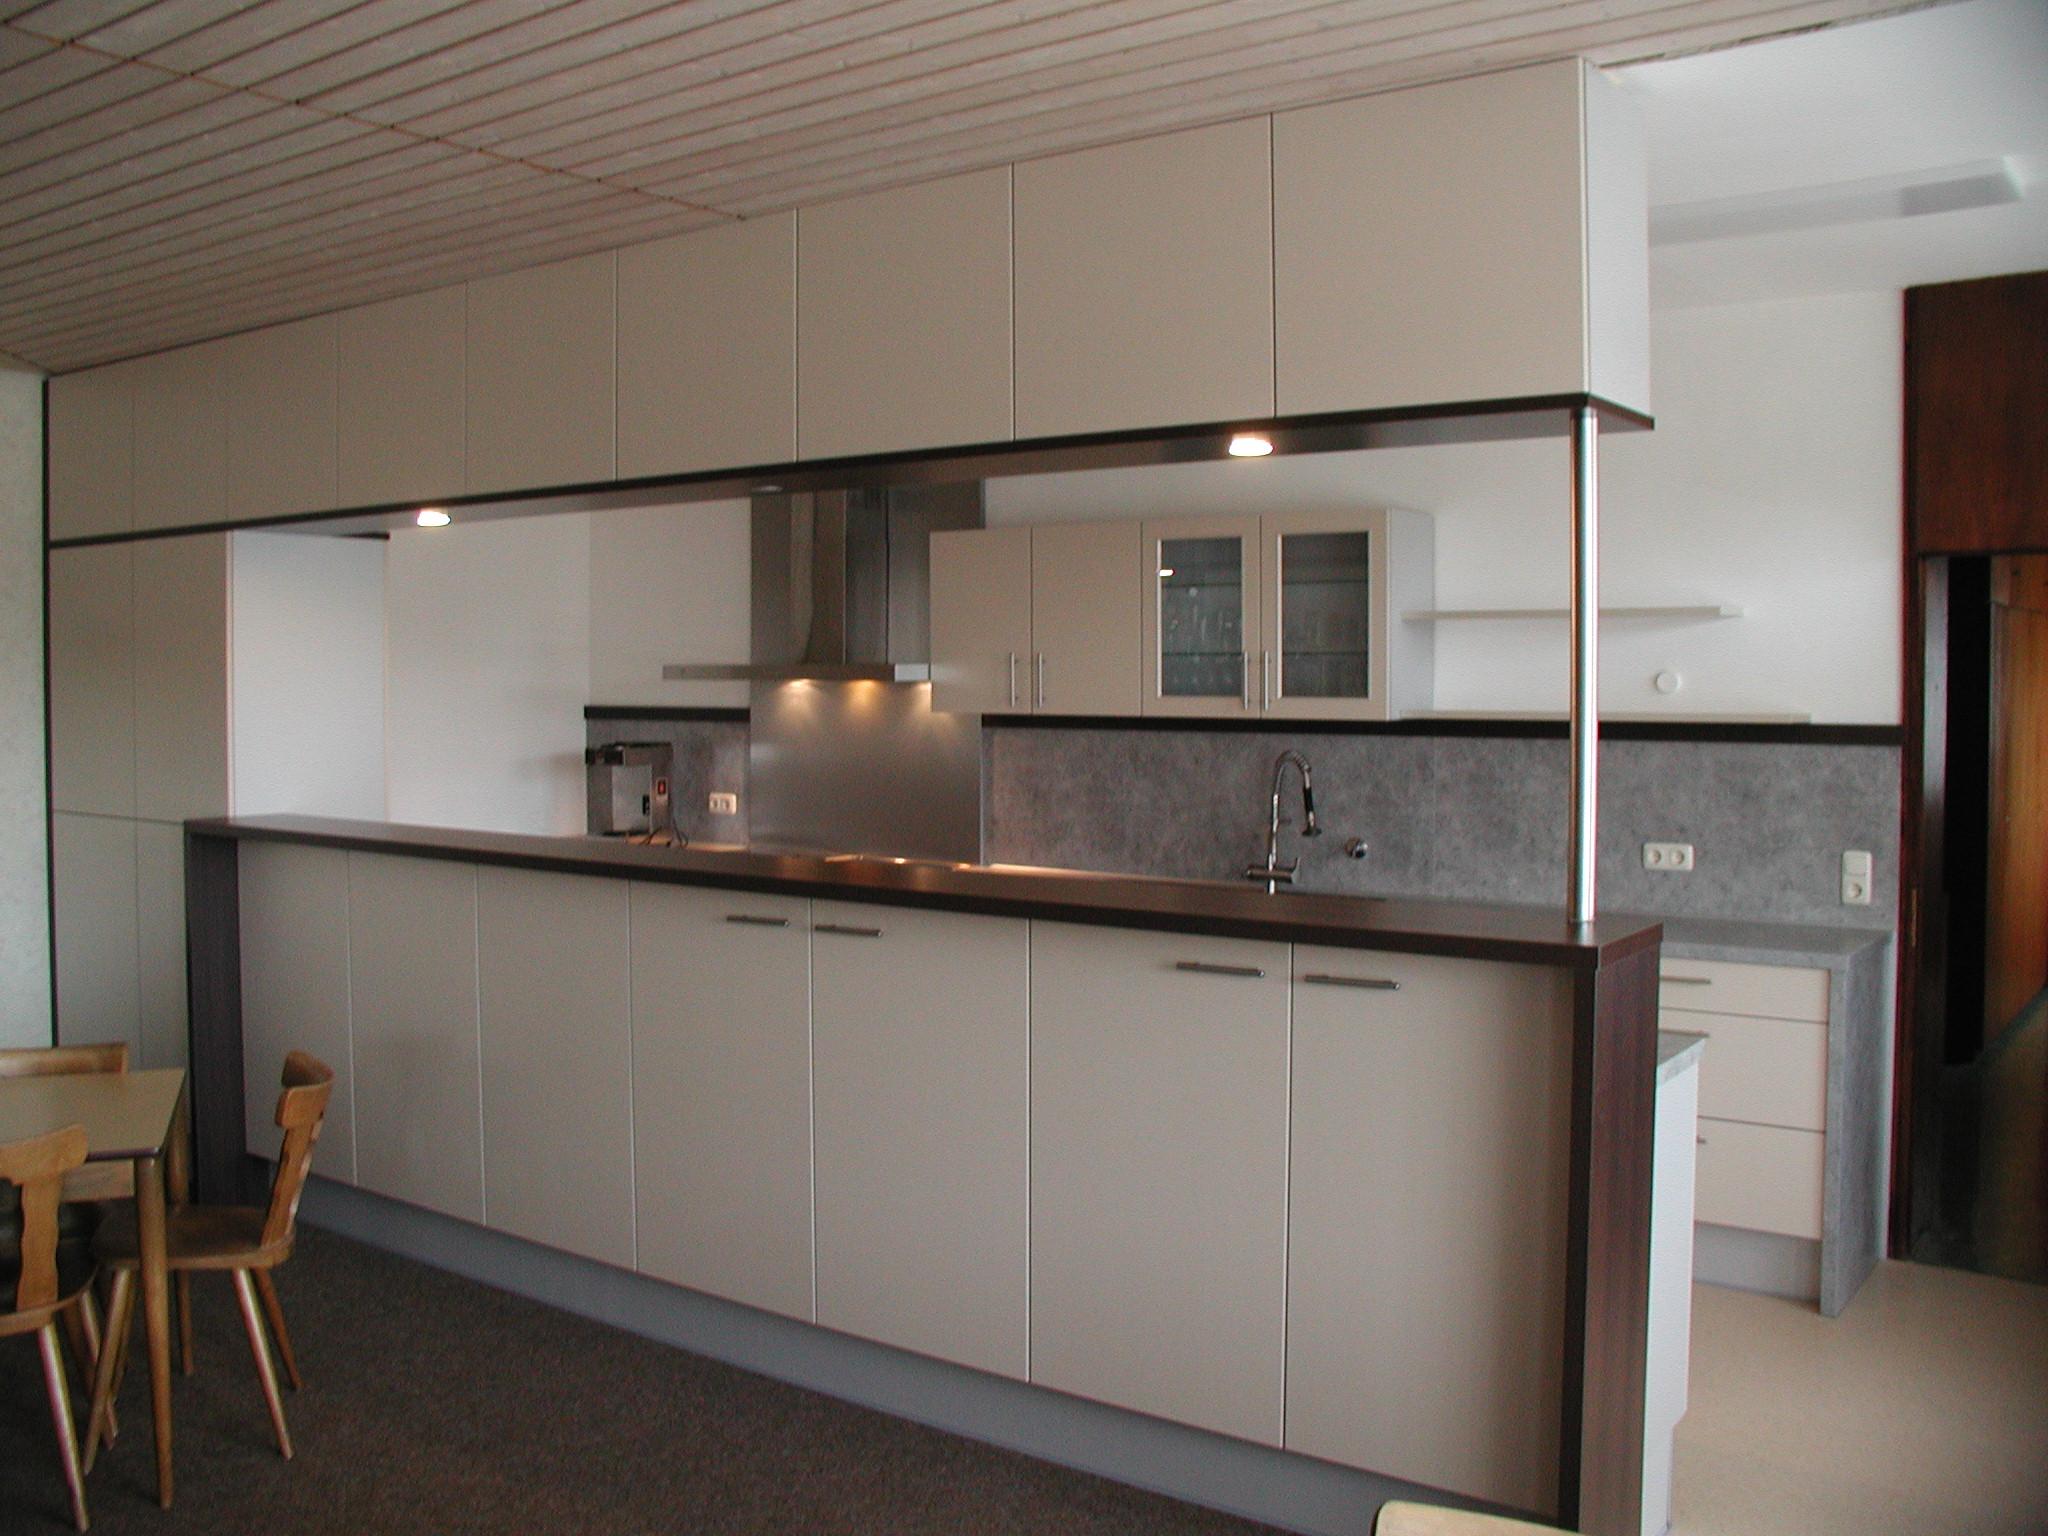 Küche mit Tresen beidseitig FFW